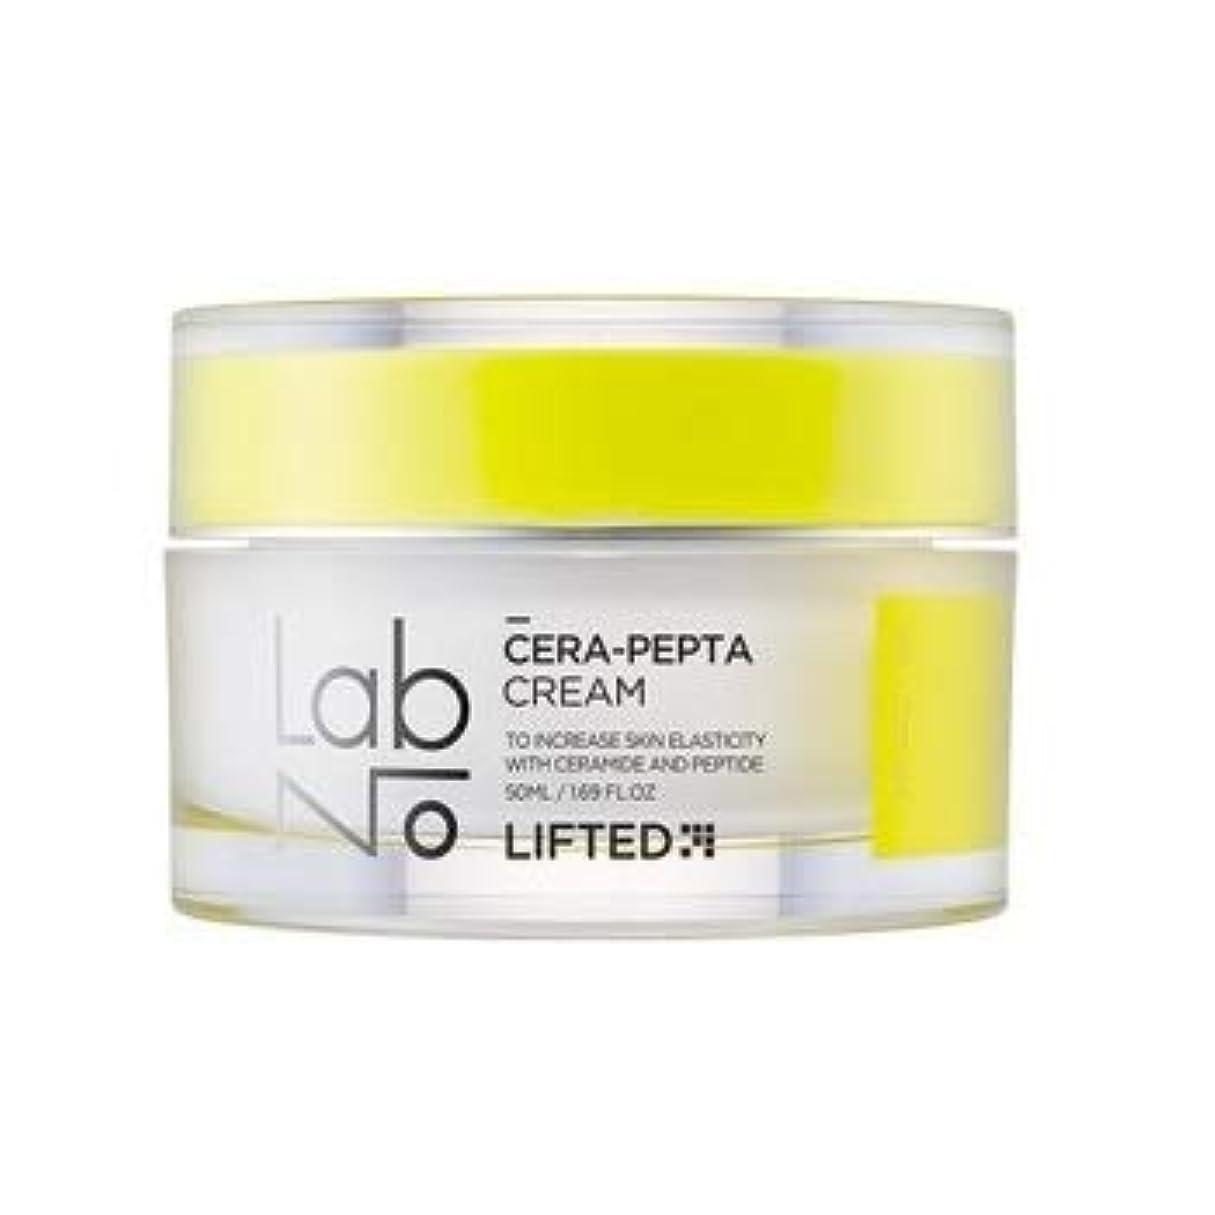 あたり確認する想起LabNo リフテッド セラ-ペプタ クリーム / Lifted Sera-Pepta Cream (50ml) [並行輸入品]